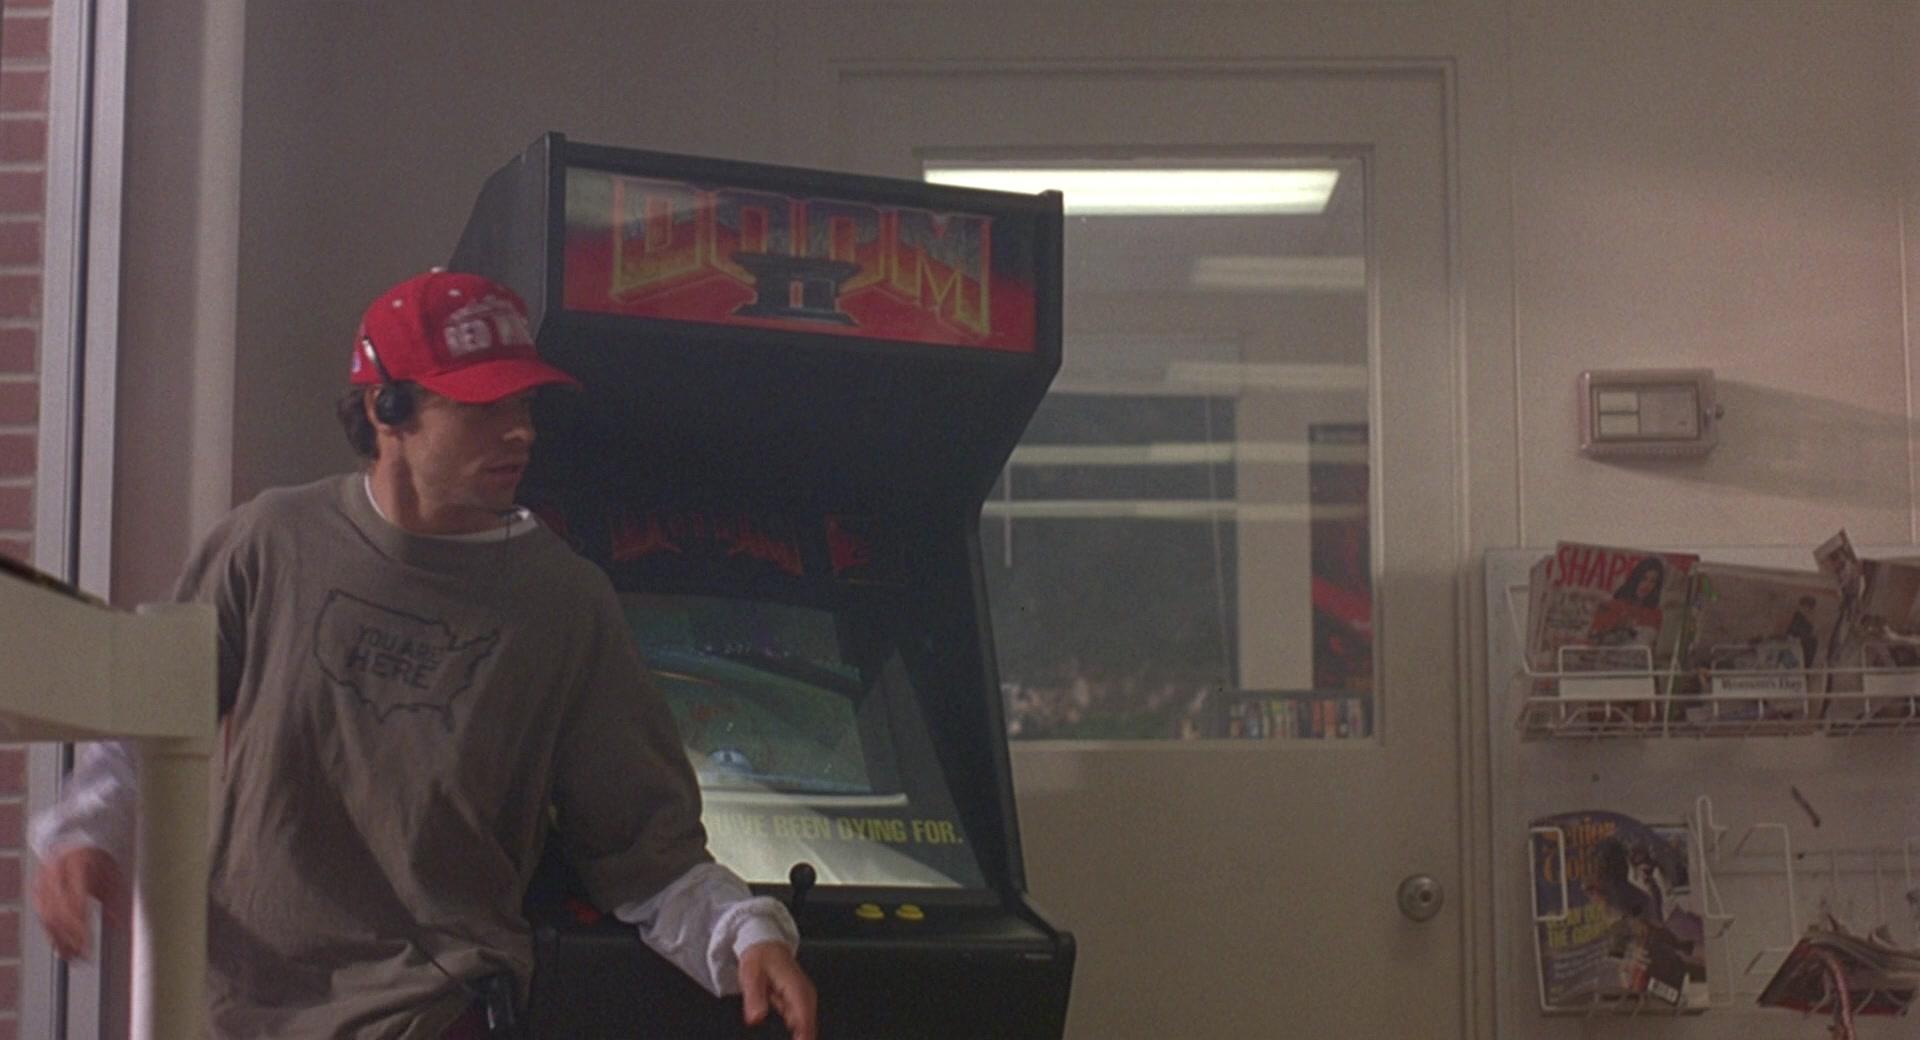 Doom-II-Video-Game-Arcade-Machine-in-Gro